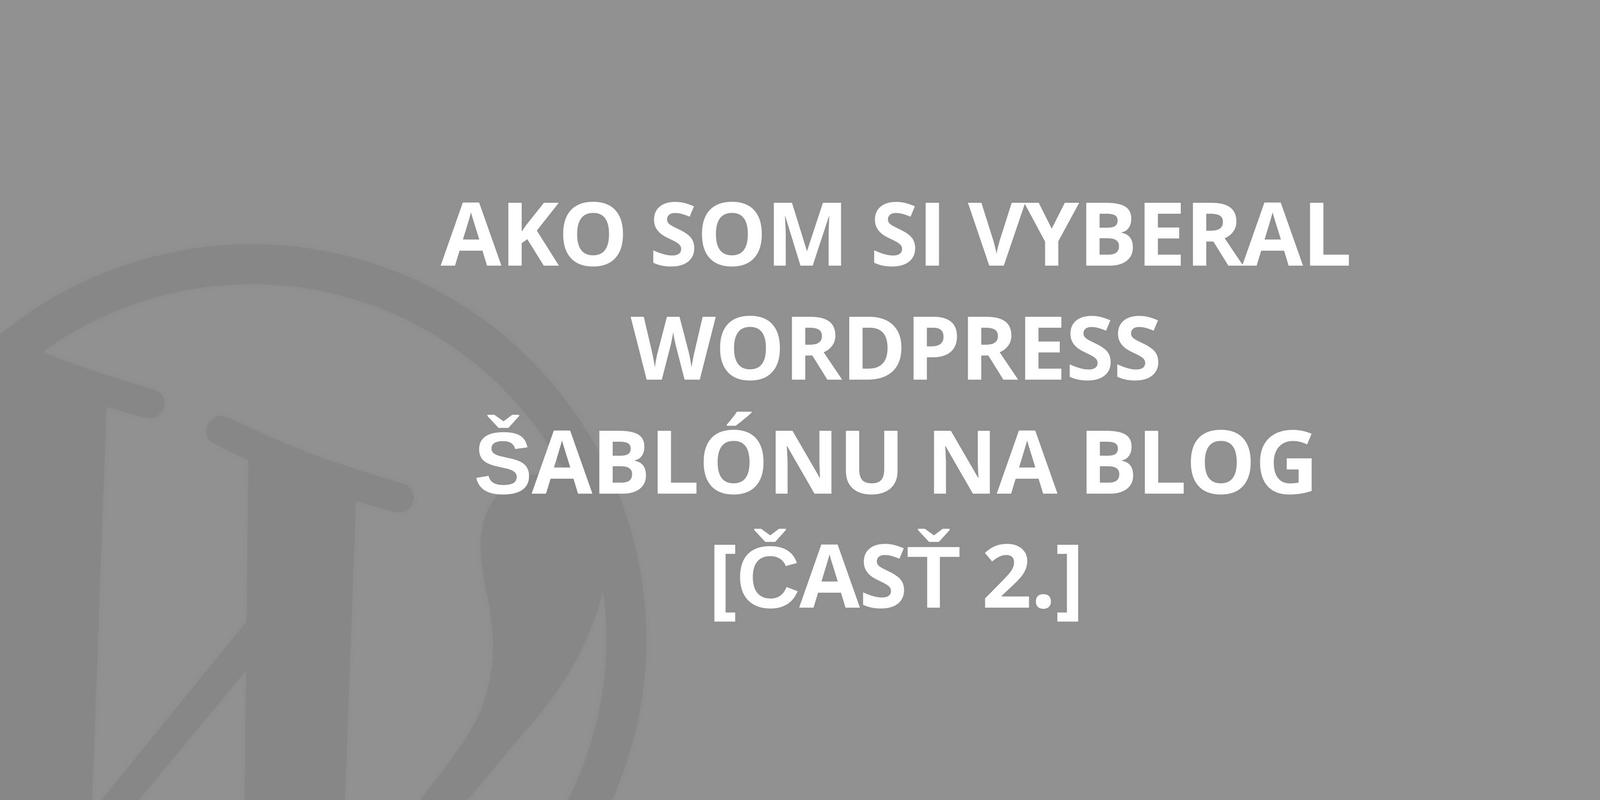 wordpress sablona blog 2